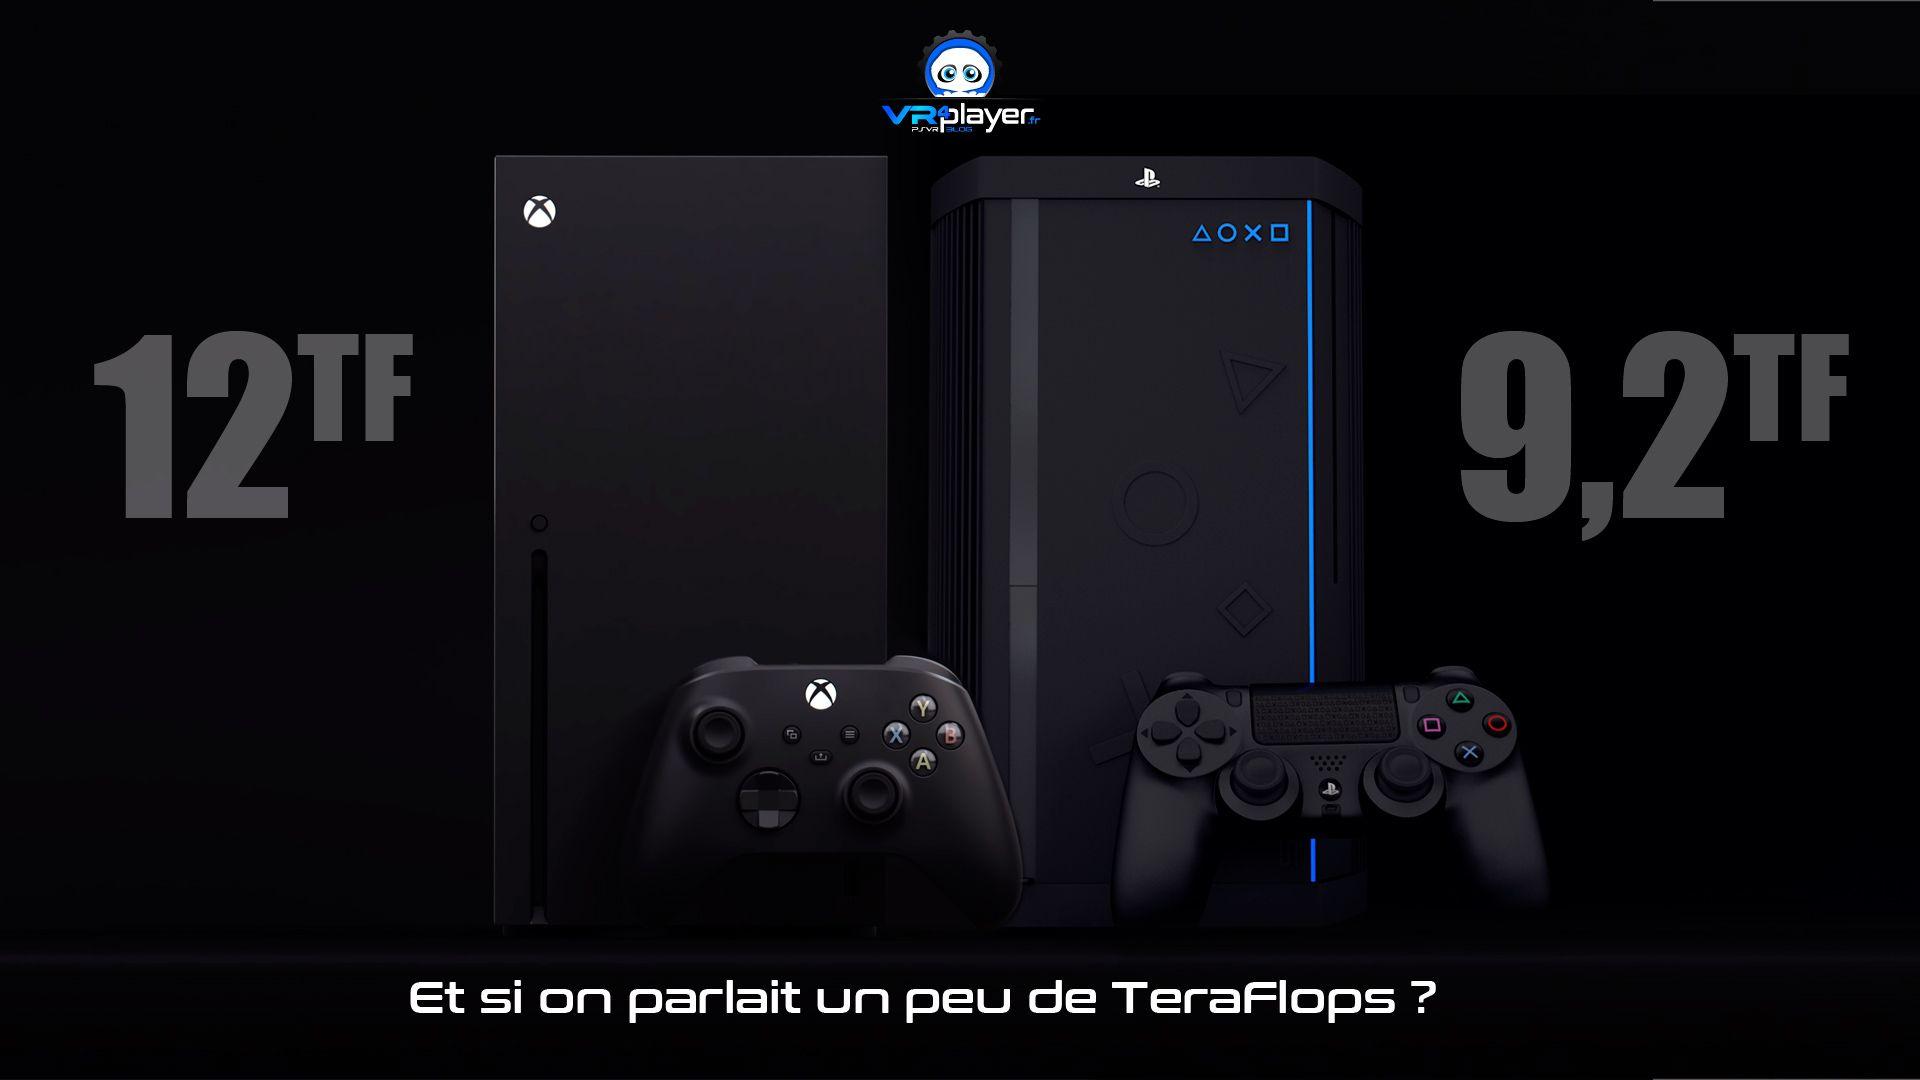 PlayStation 5, PS5, Xbox Series X Et si on parlait un